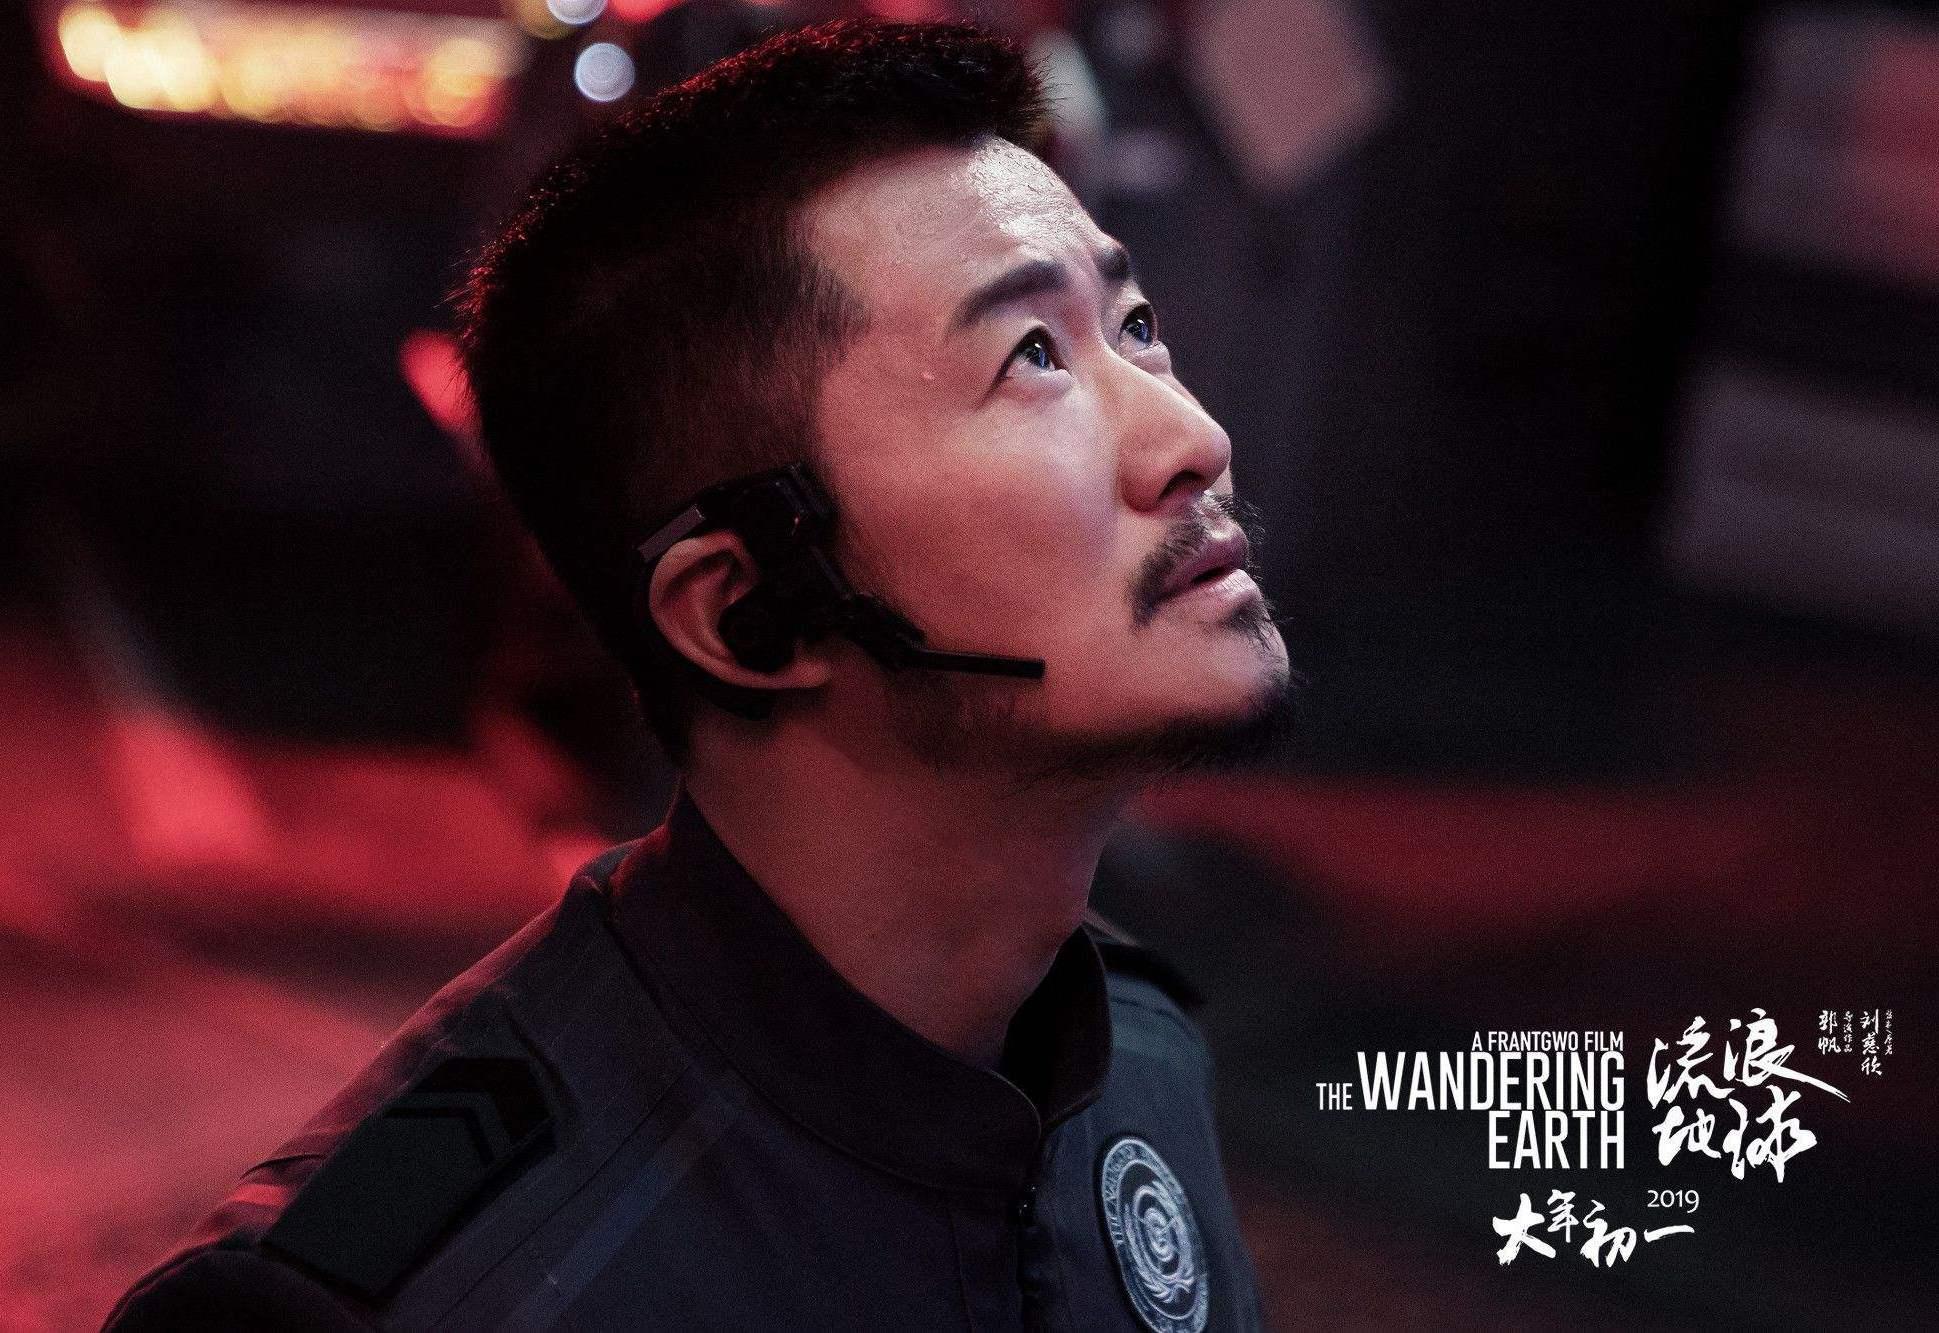 因为《流浪地球》让黄晓明无辜蒙冤,导演郭帆深夜替其发声